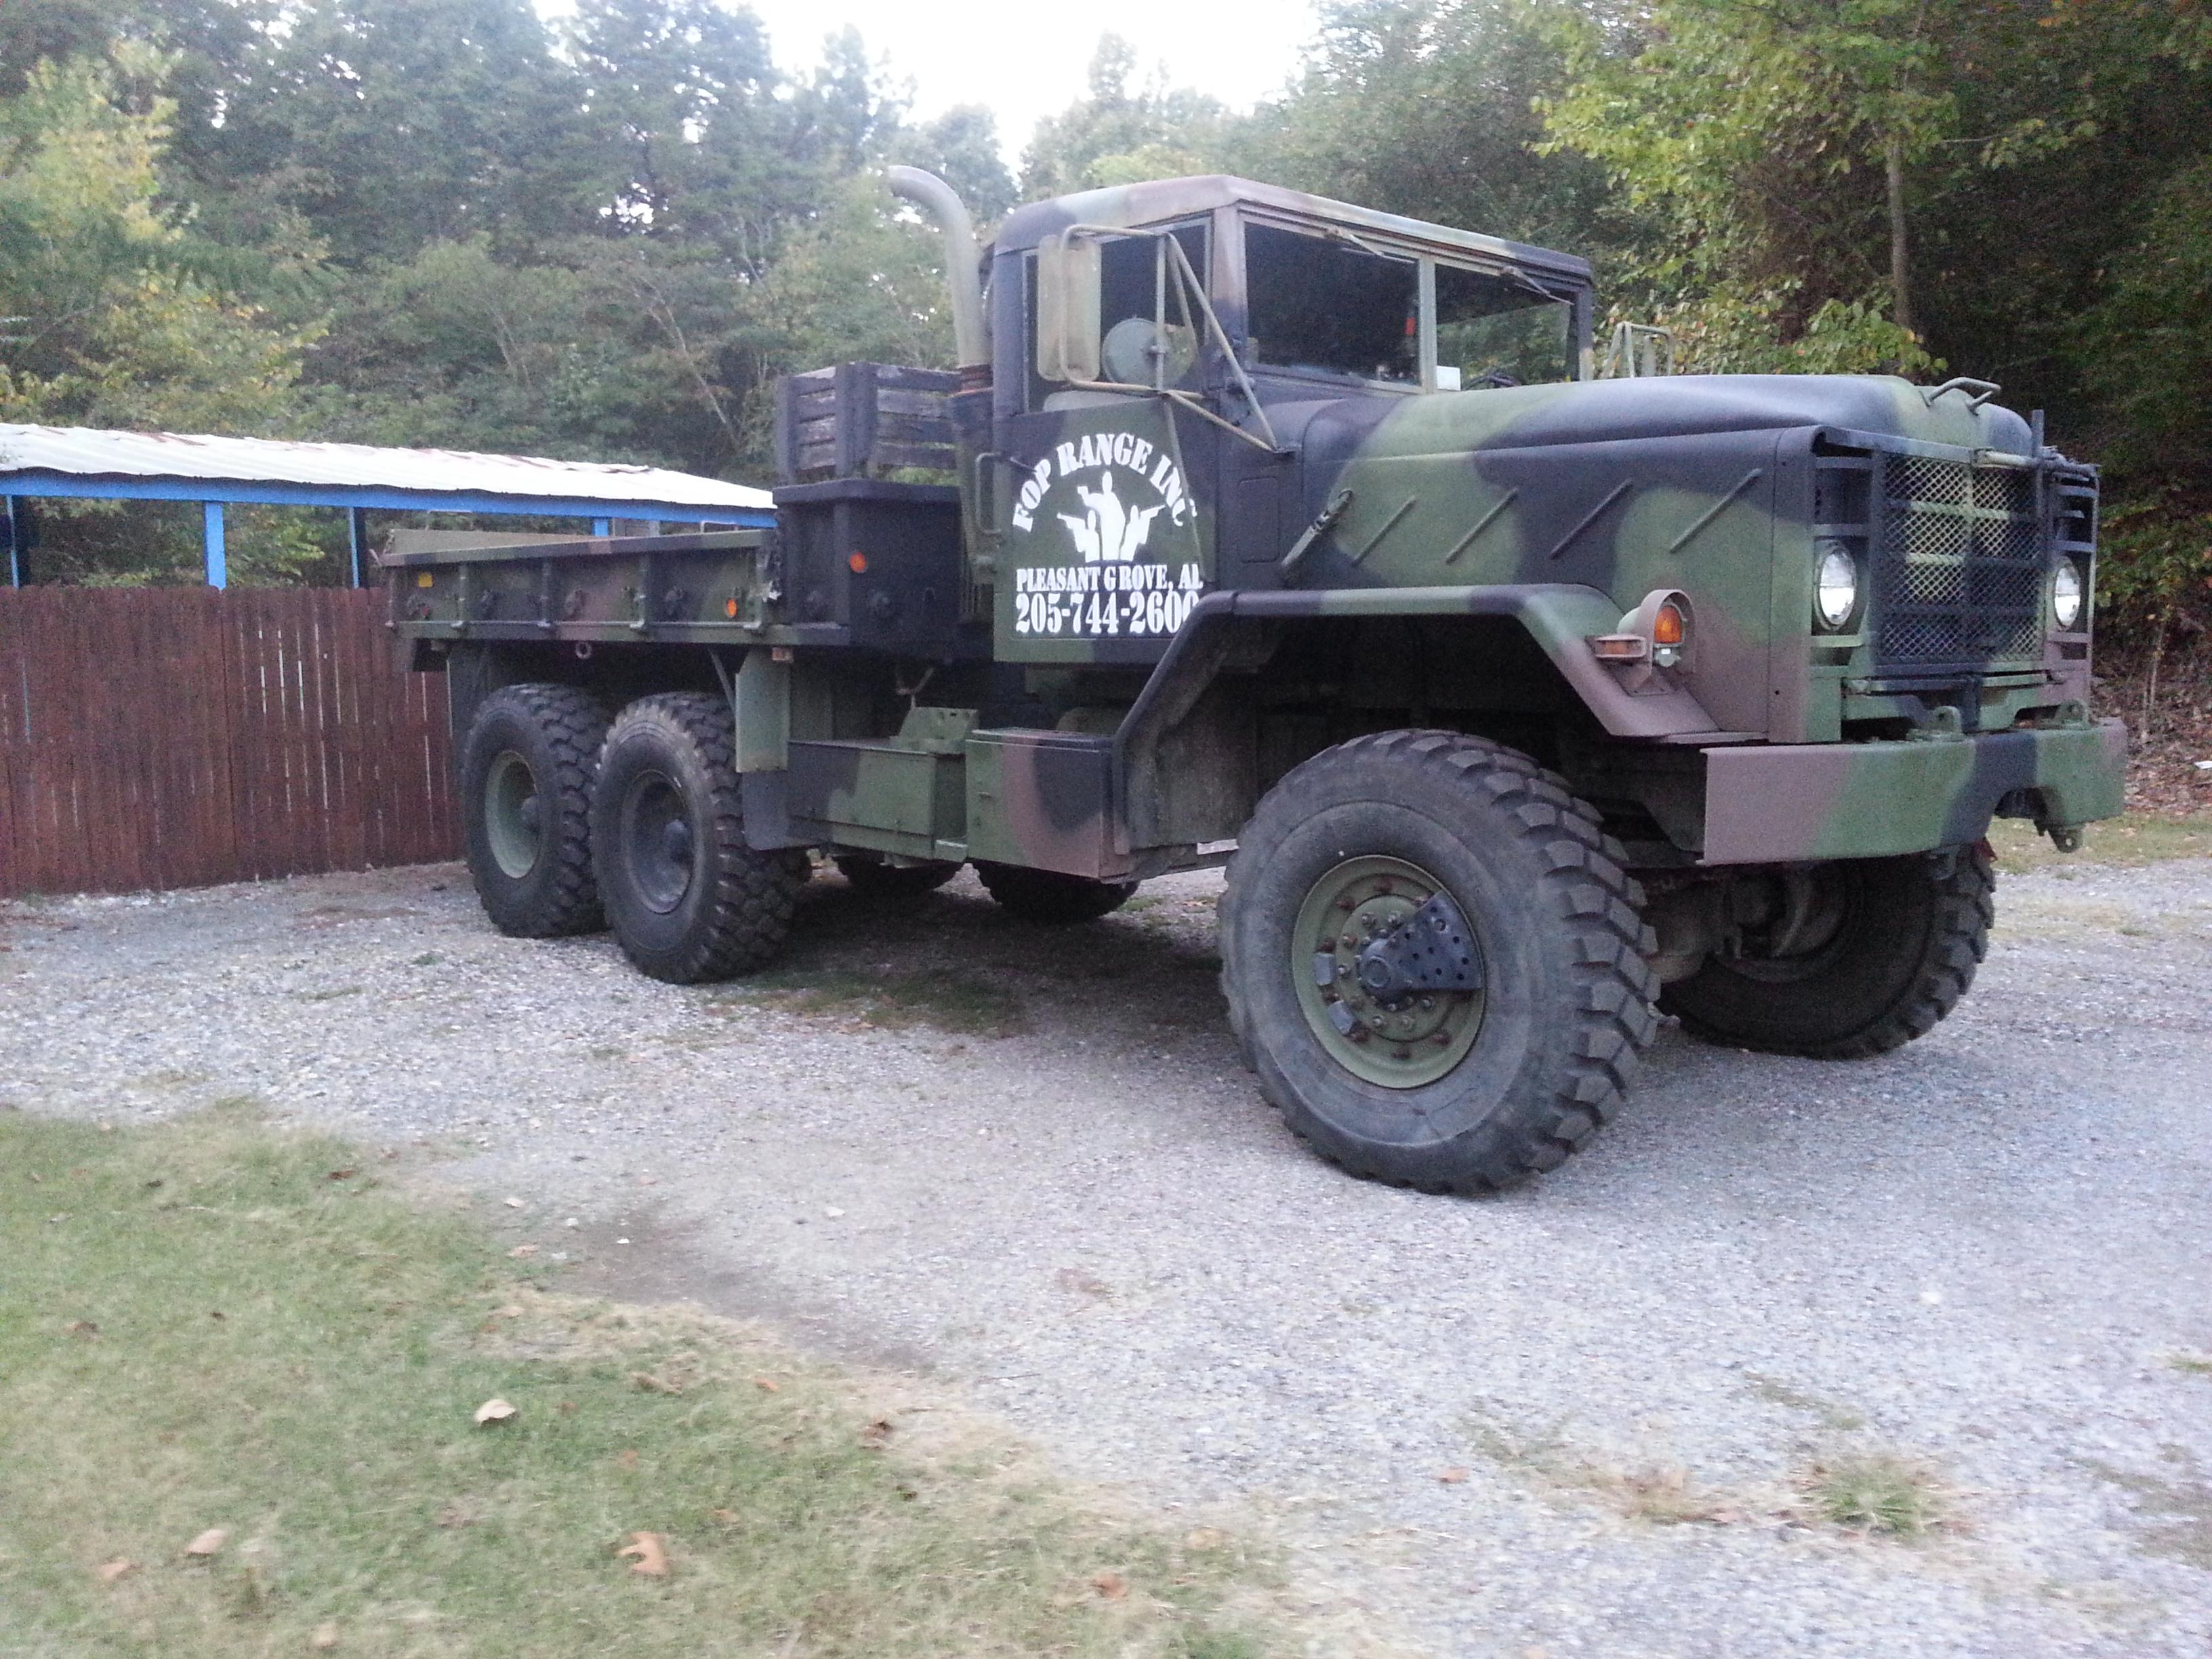 Range Truck